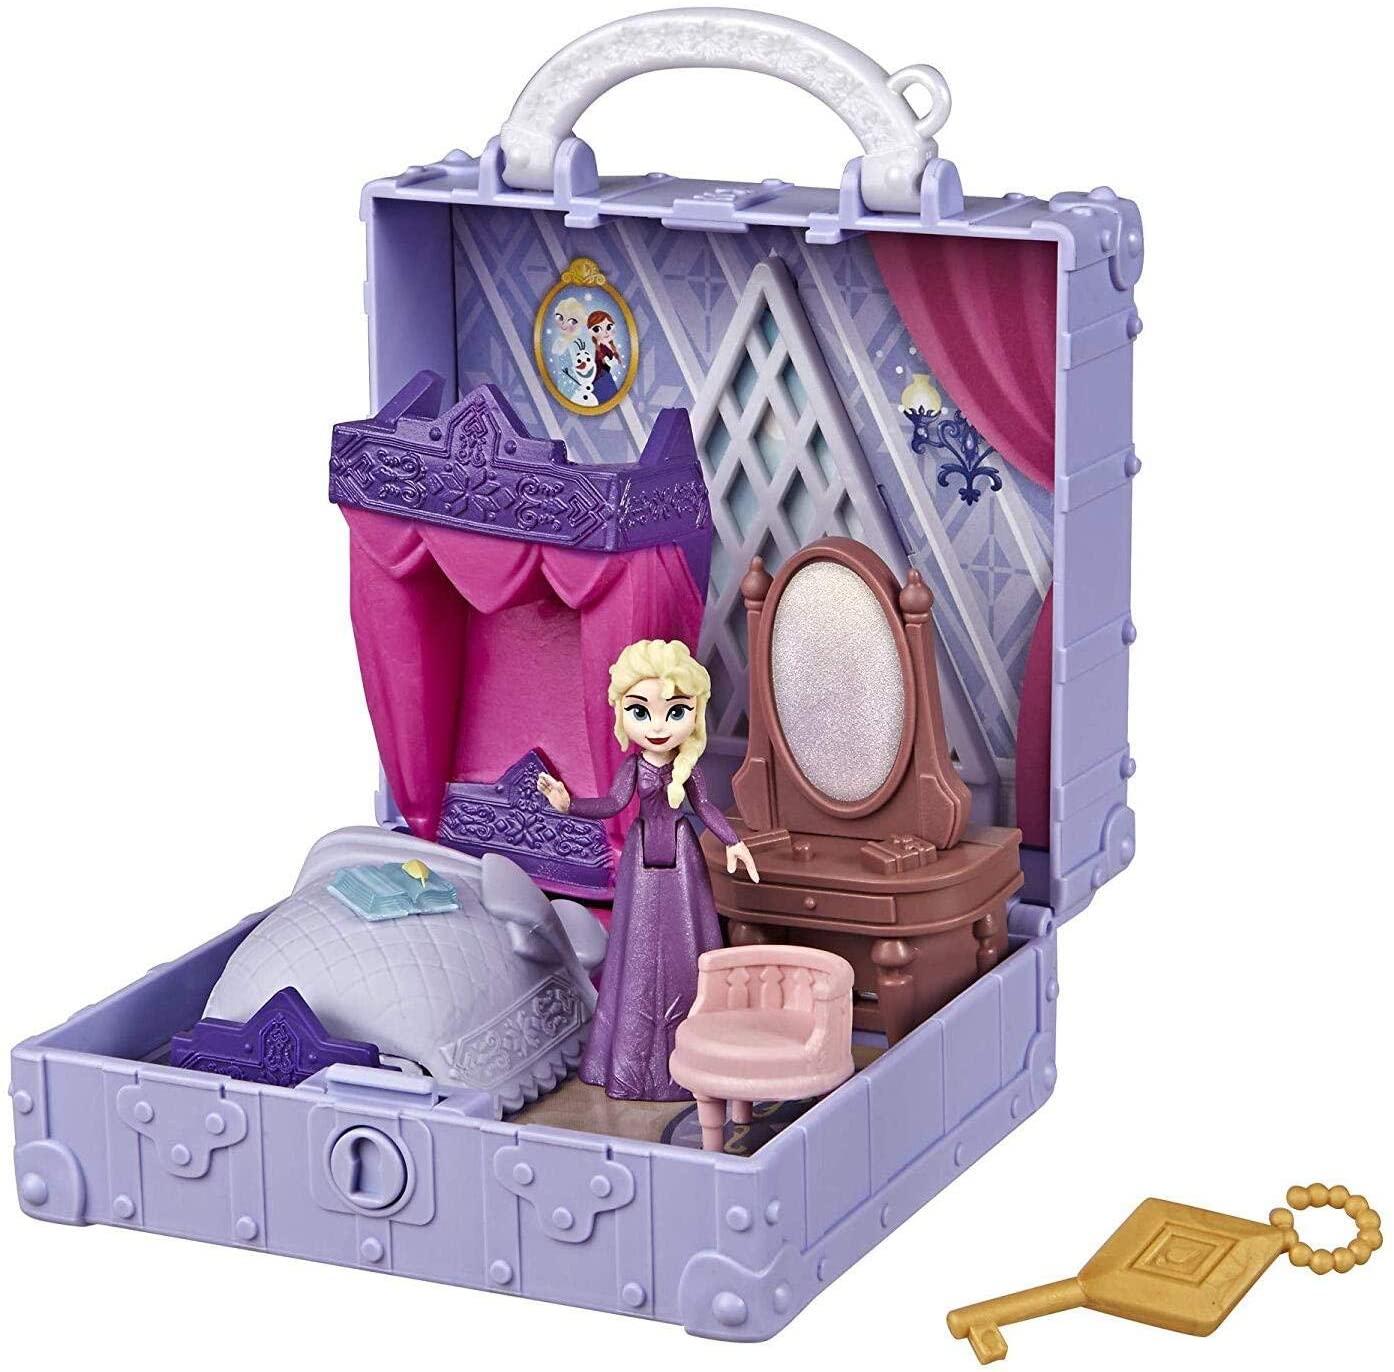 Disney E6545 Frozen Pop Adventures Elsa's Bedroom Pop-up Playset With Handle